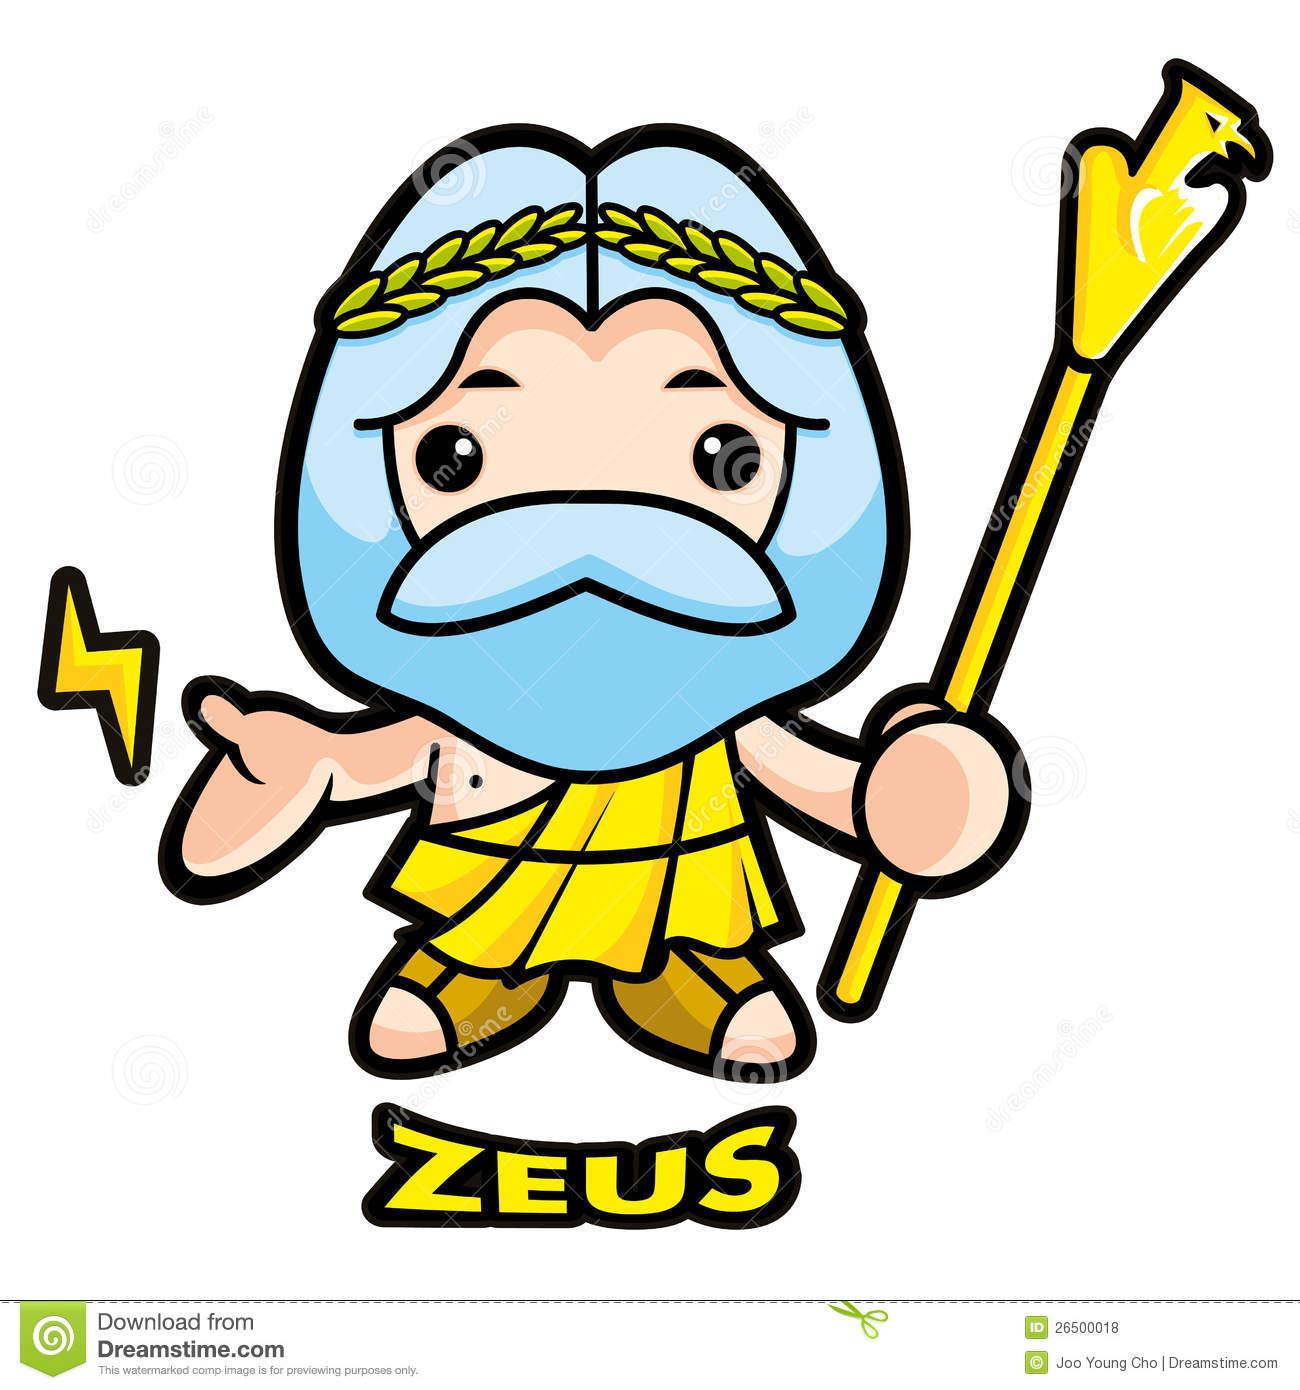 Zeus clipart #2